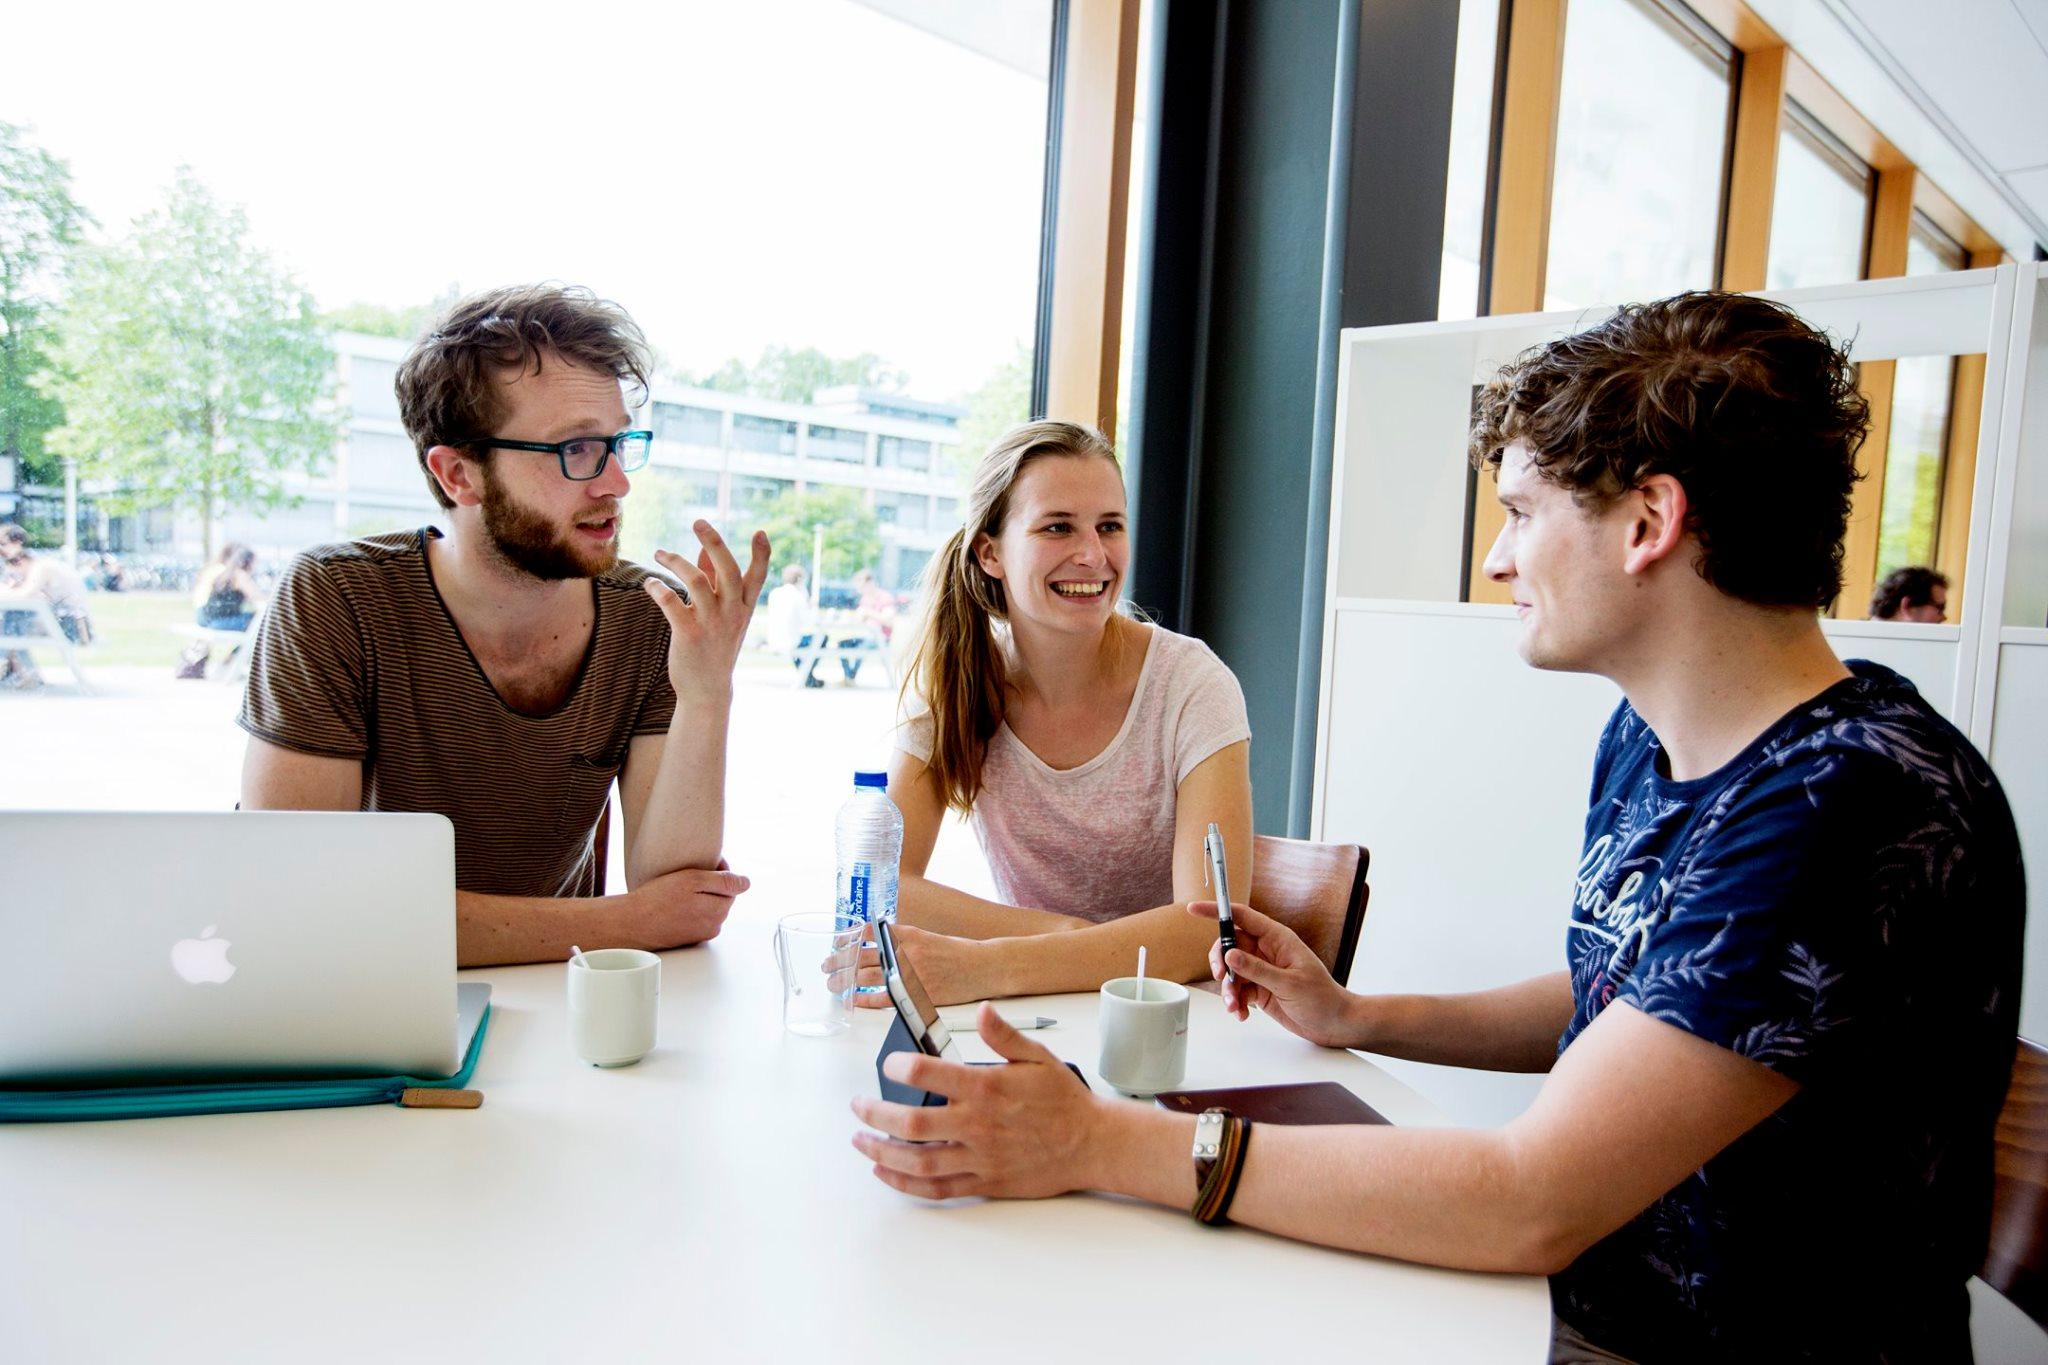 Студенты Radboud University